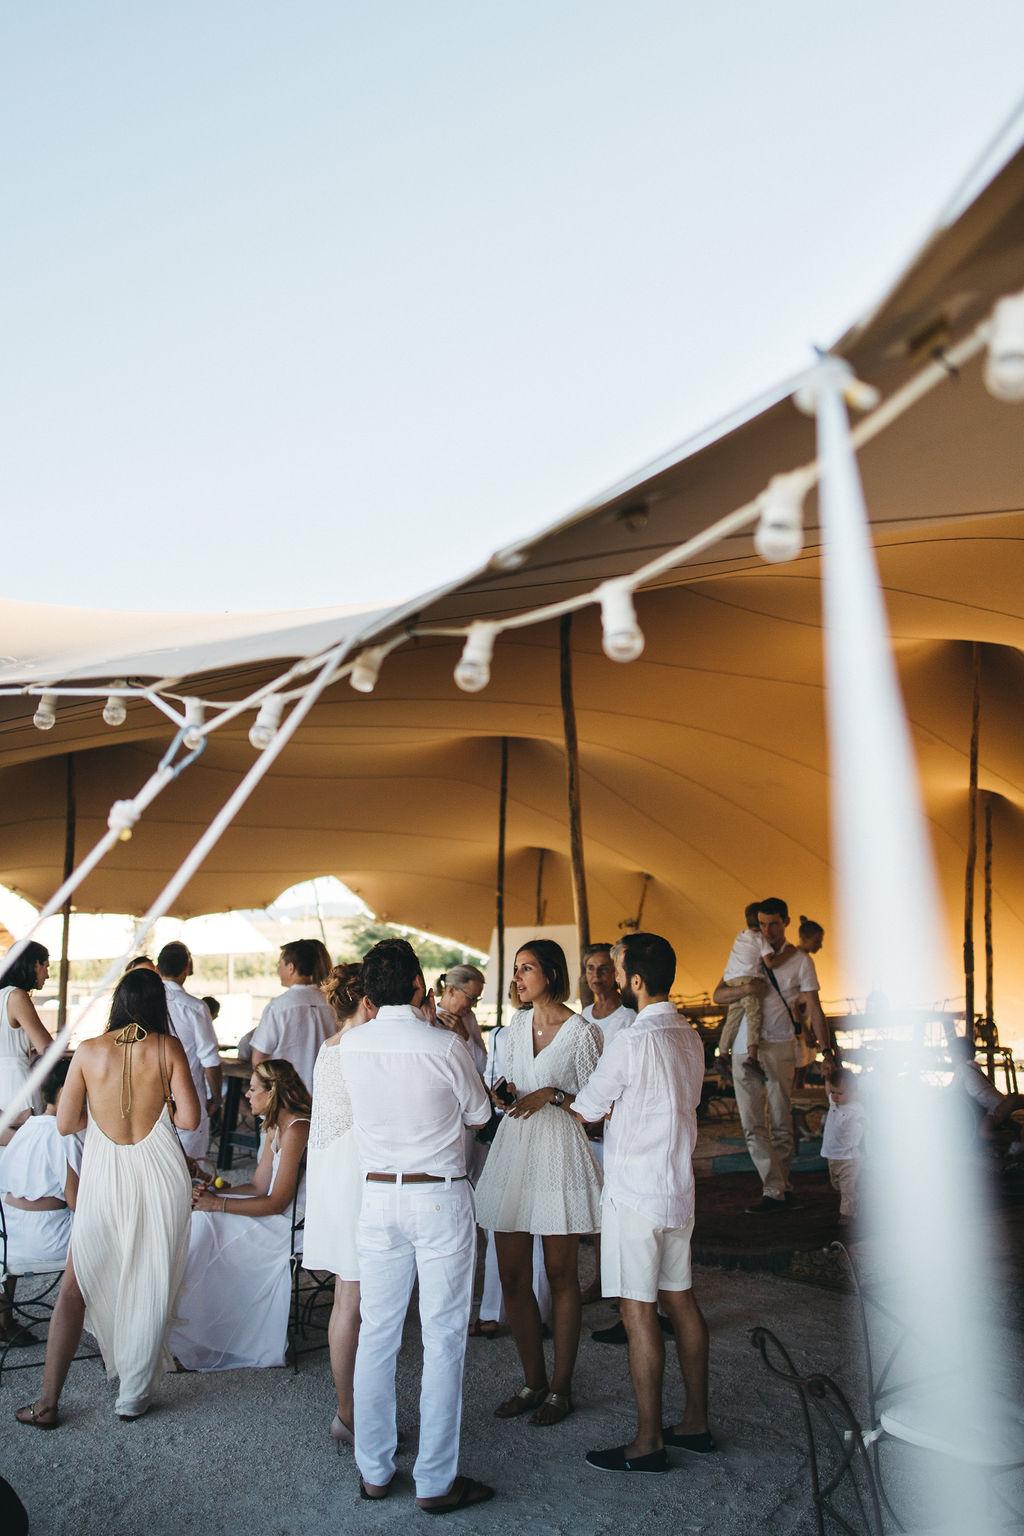 wedding planner provence saint rémy de provence les baux de provence marseille avignon